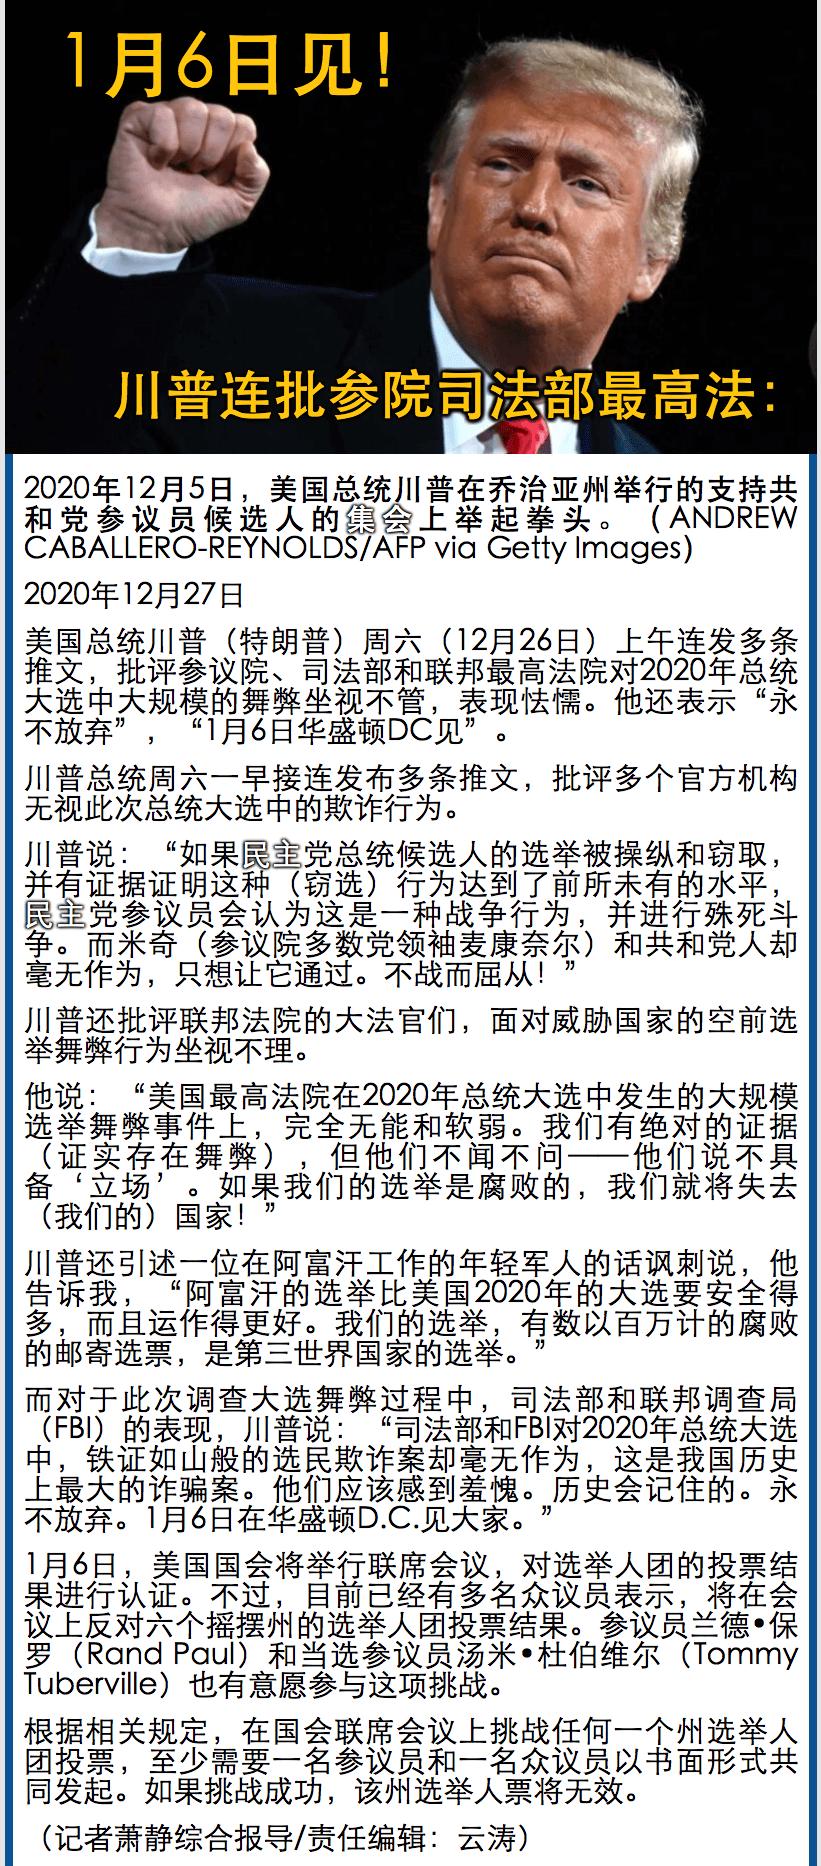 川普连批参院司法部最高法:1月6日见!